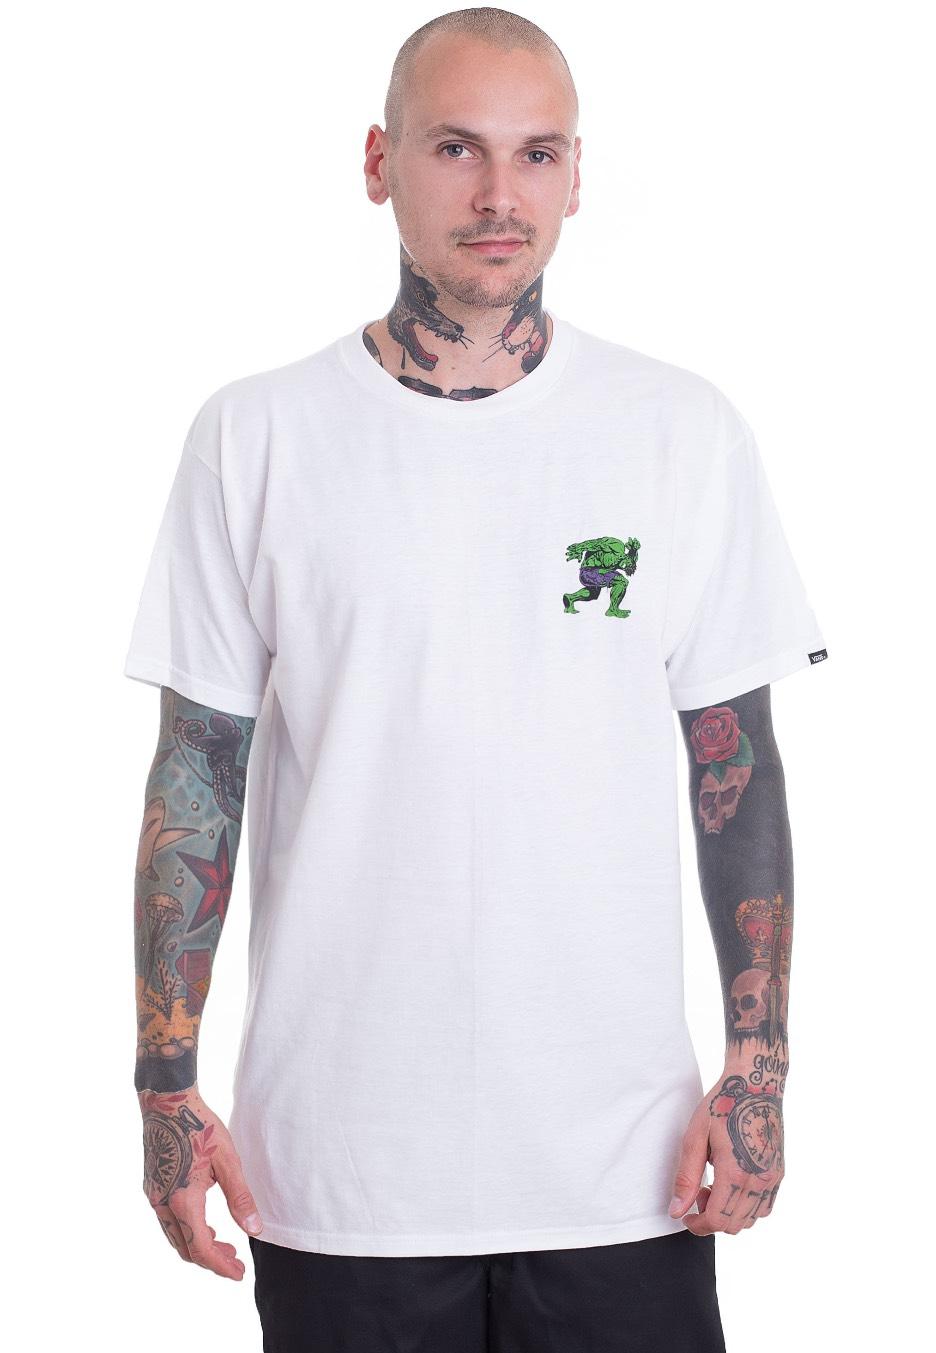 Vans x Marvel - Vans x Marvel Hulk White - T-Shirt